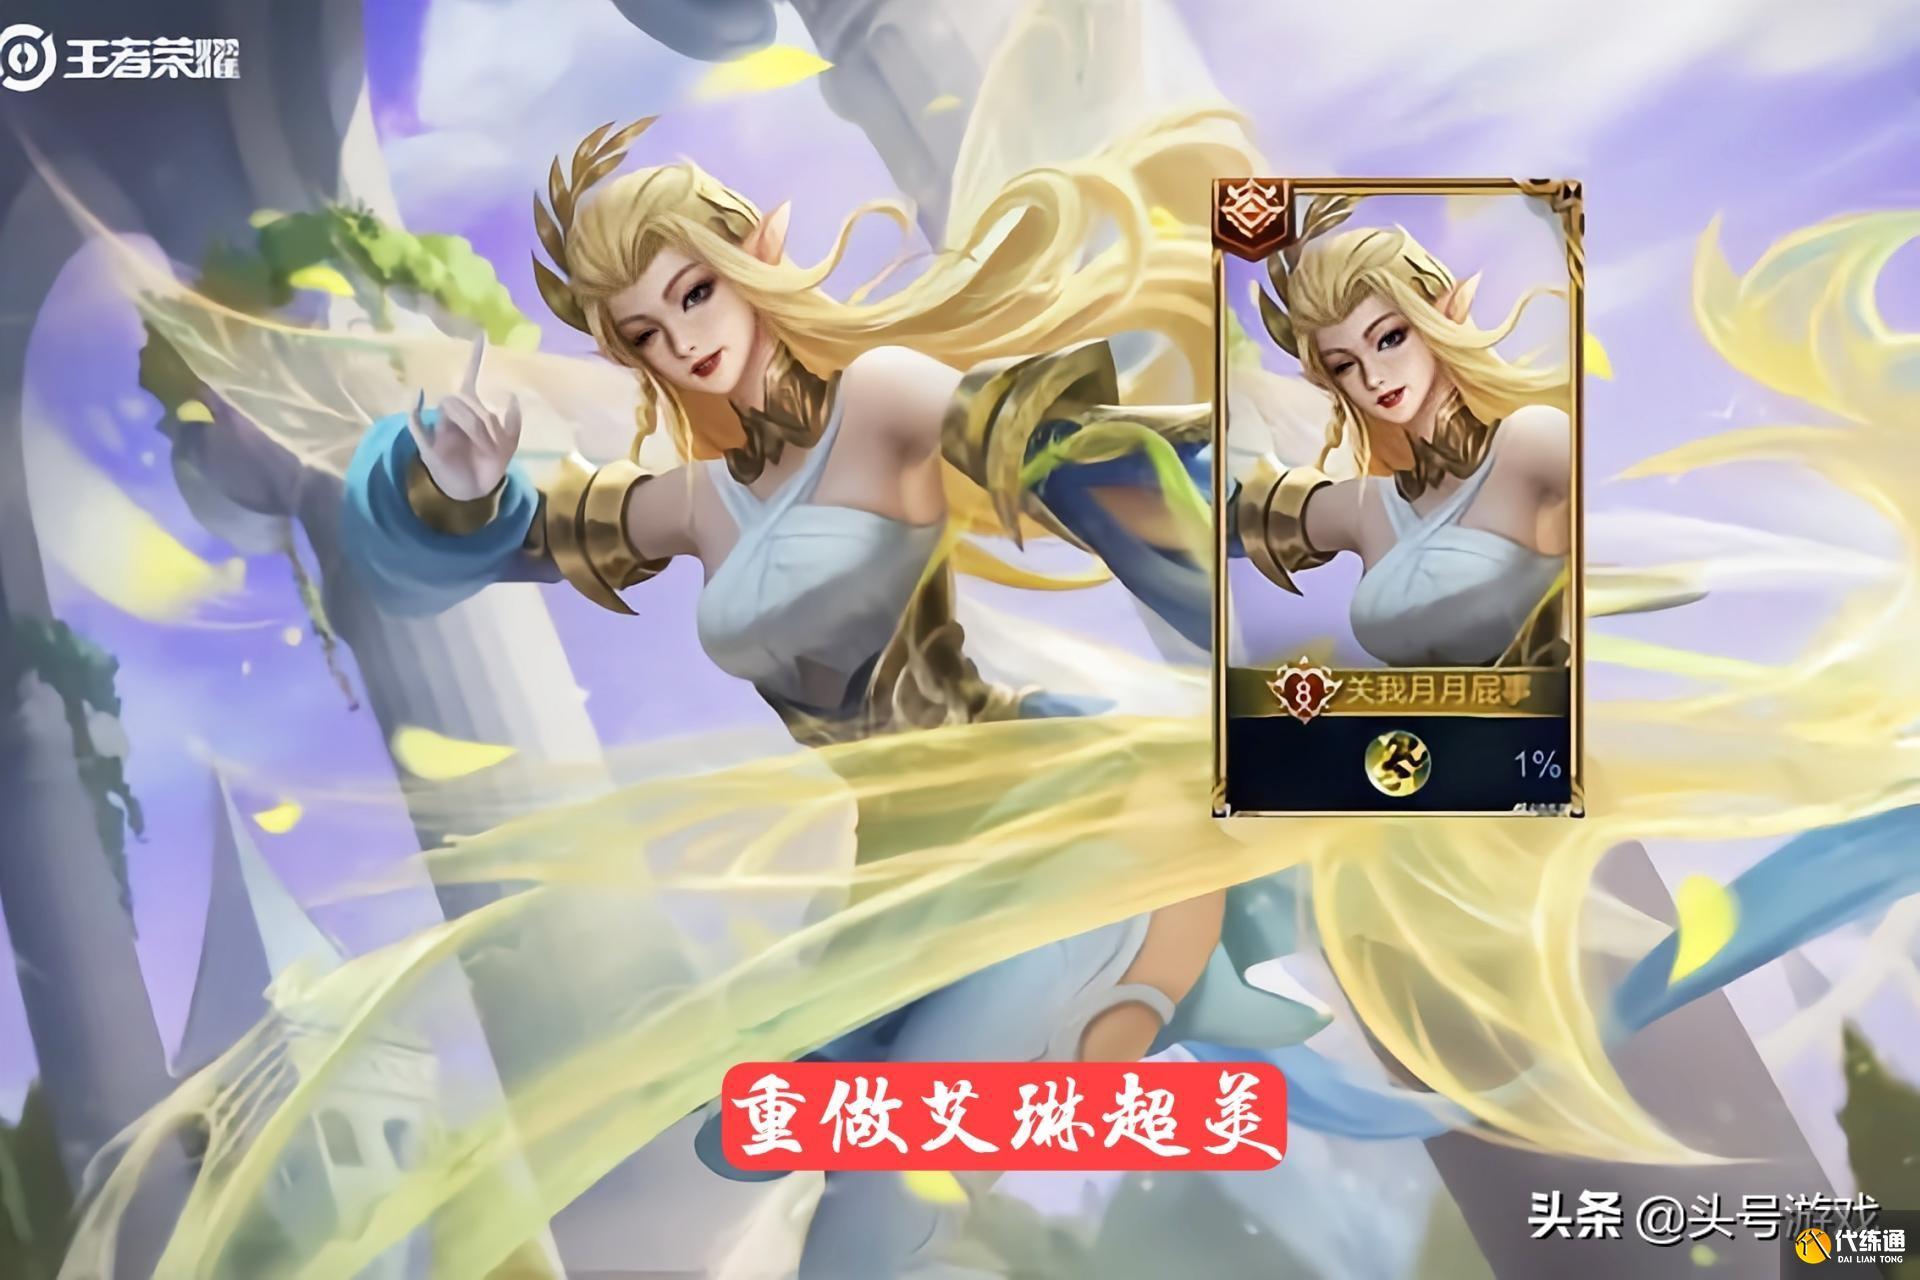 23號艾琳獲得方式有變,玩家的內測皮膚沒了,司馬懿傳說皮上線